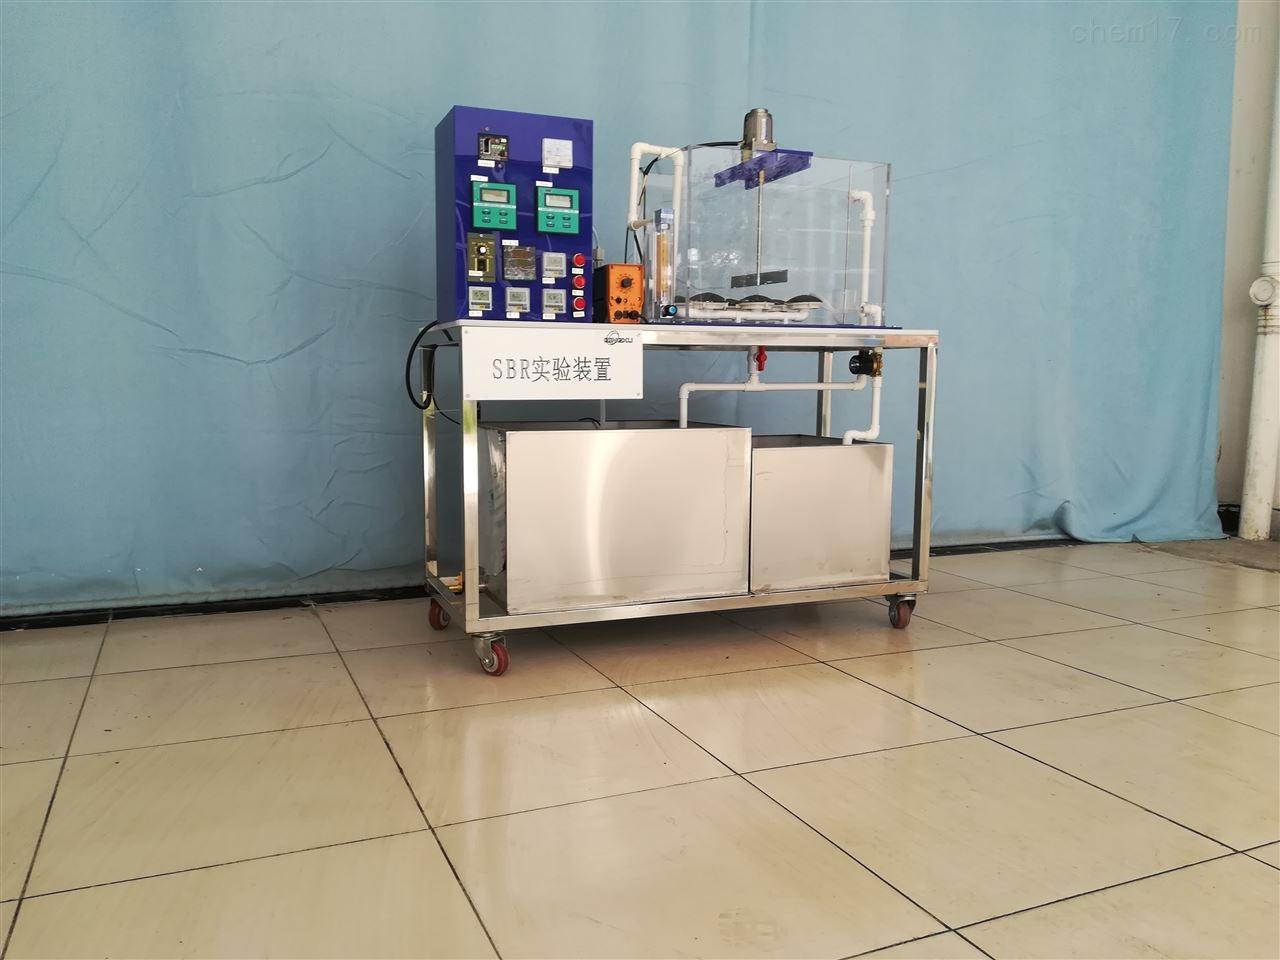 SBR法间歇式实验装置